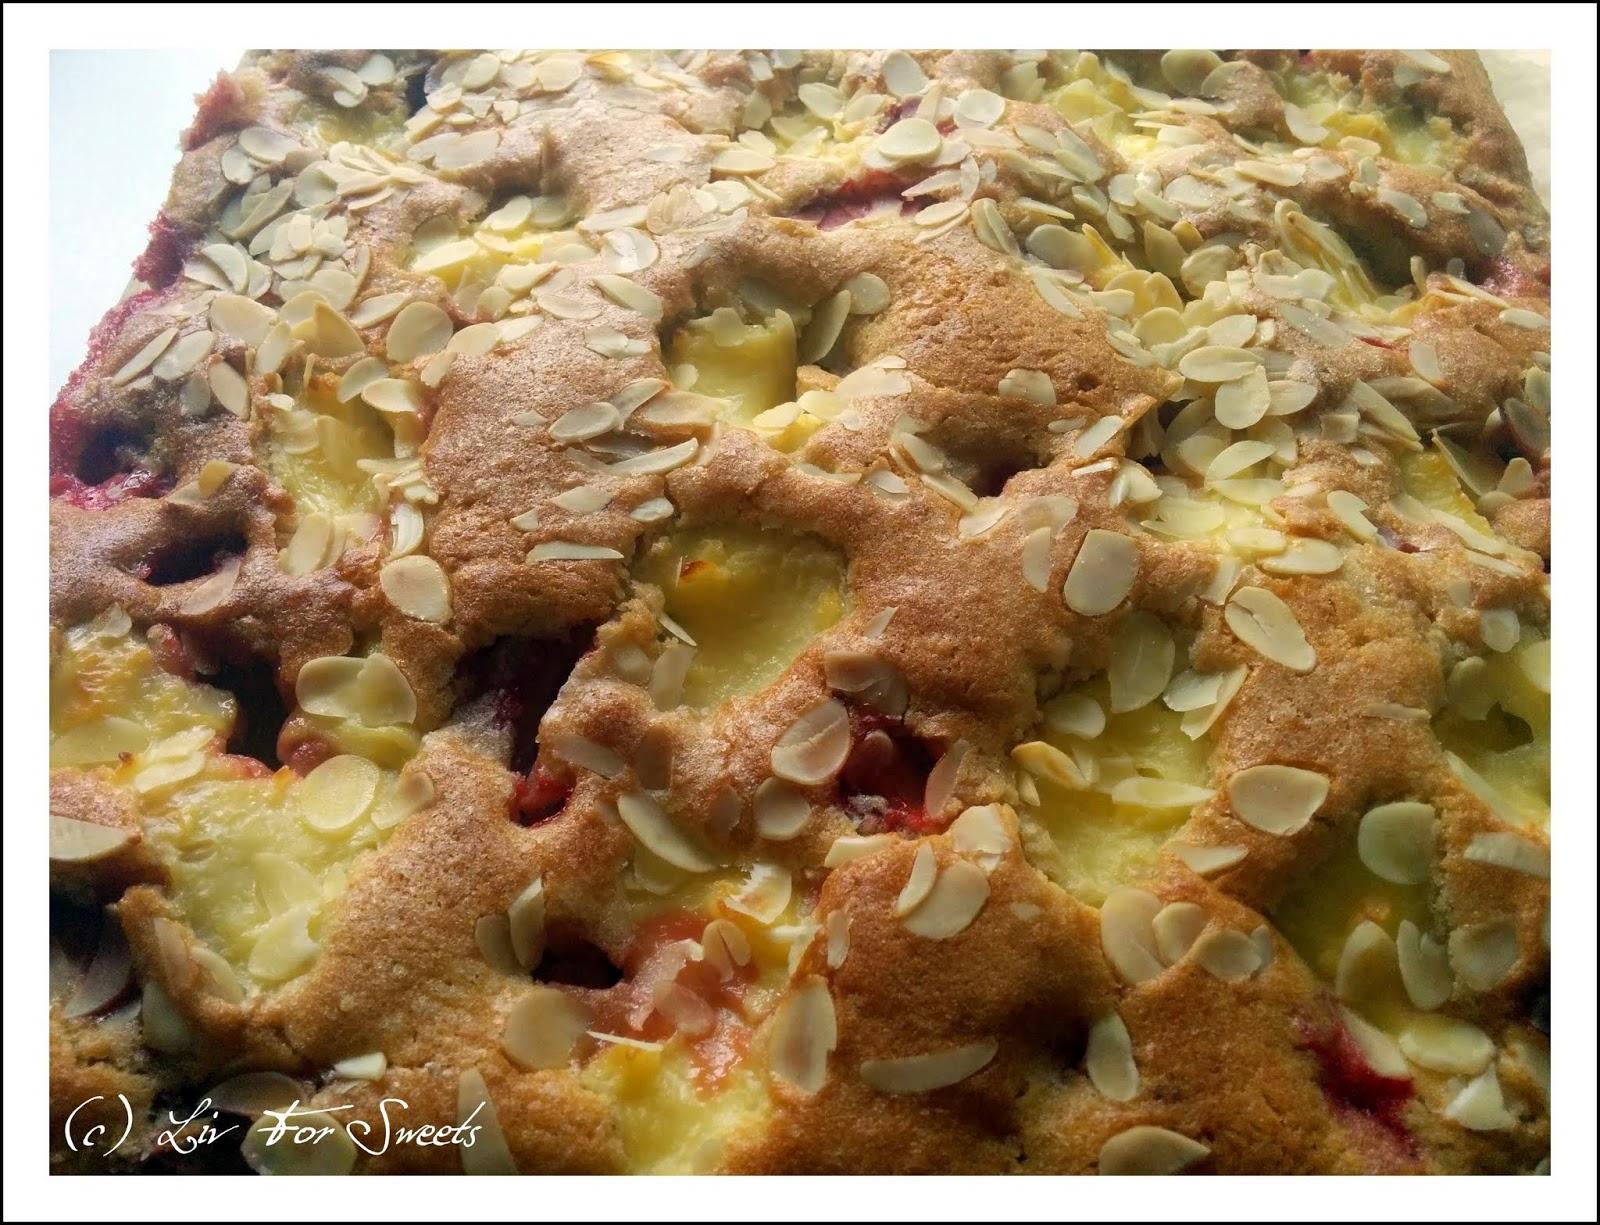 Der fertige Erdbeer-Butterkuchen mit Flecken aus Vanillepudding bestreut mit Mandelblättchen nach einem Rezept aus der Lecker Bakery